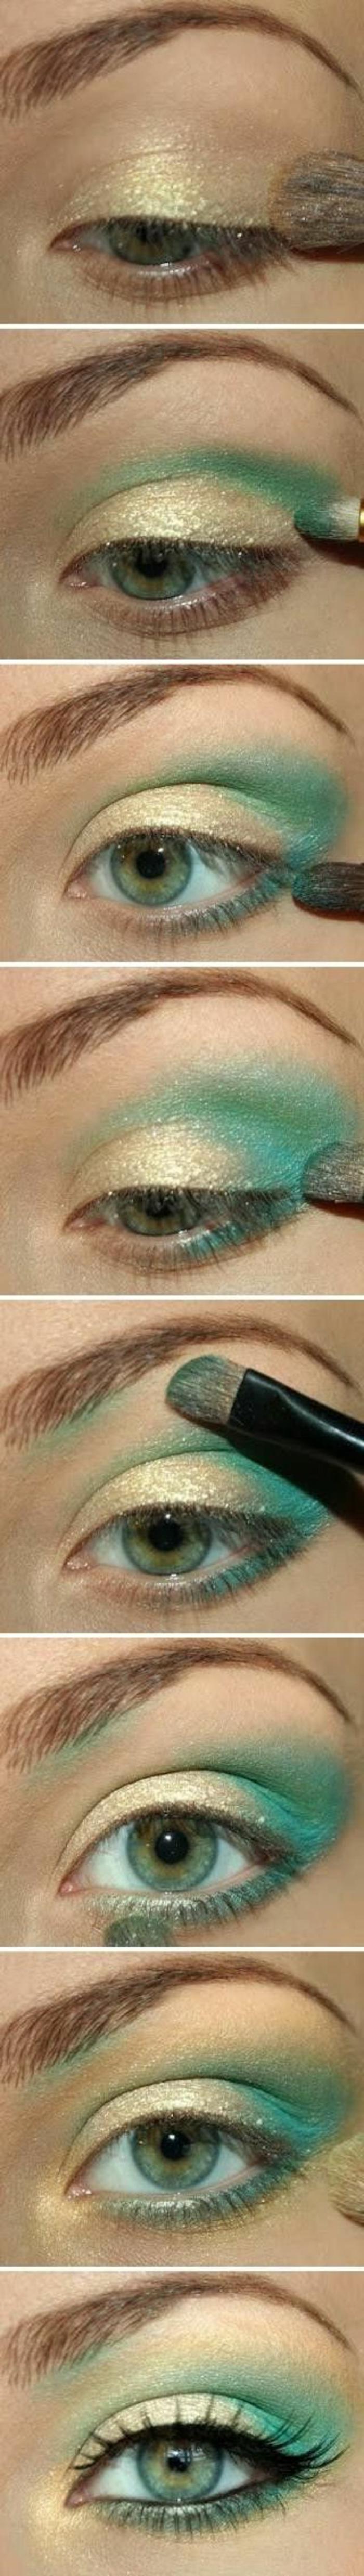 maquillage-des-yeux-bleus-tutoriel-pas-à-pas-comment-se-maquiller